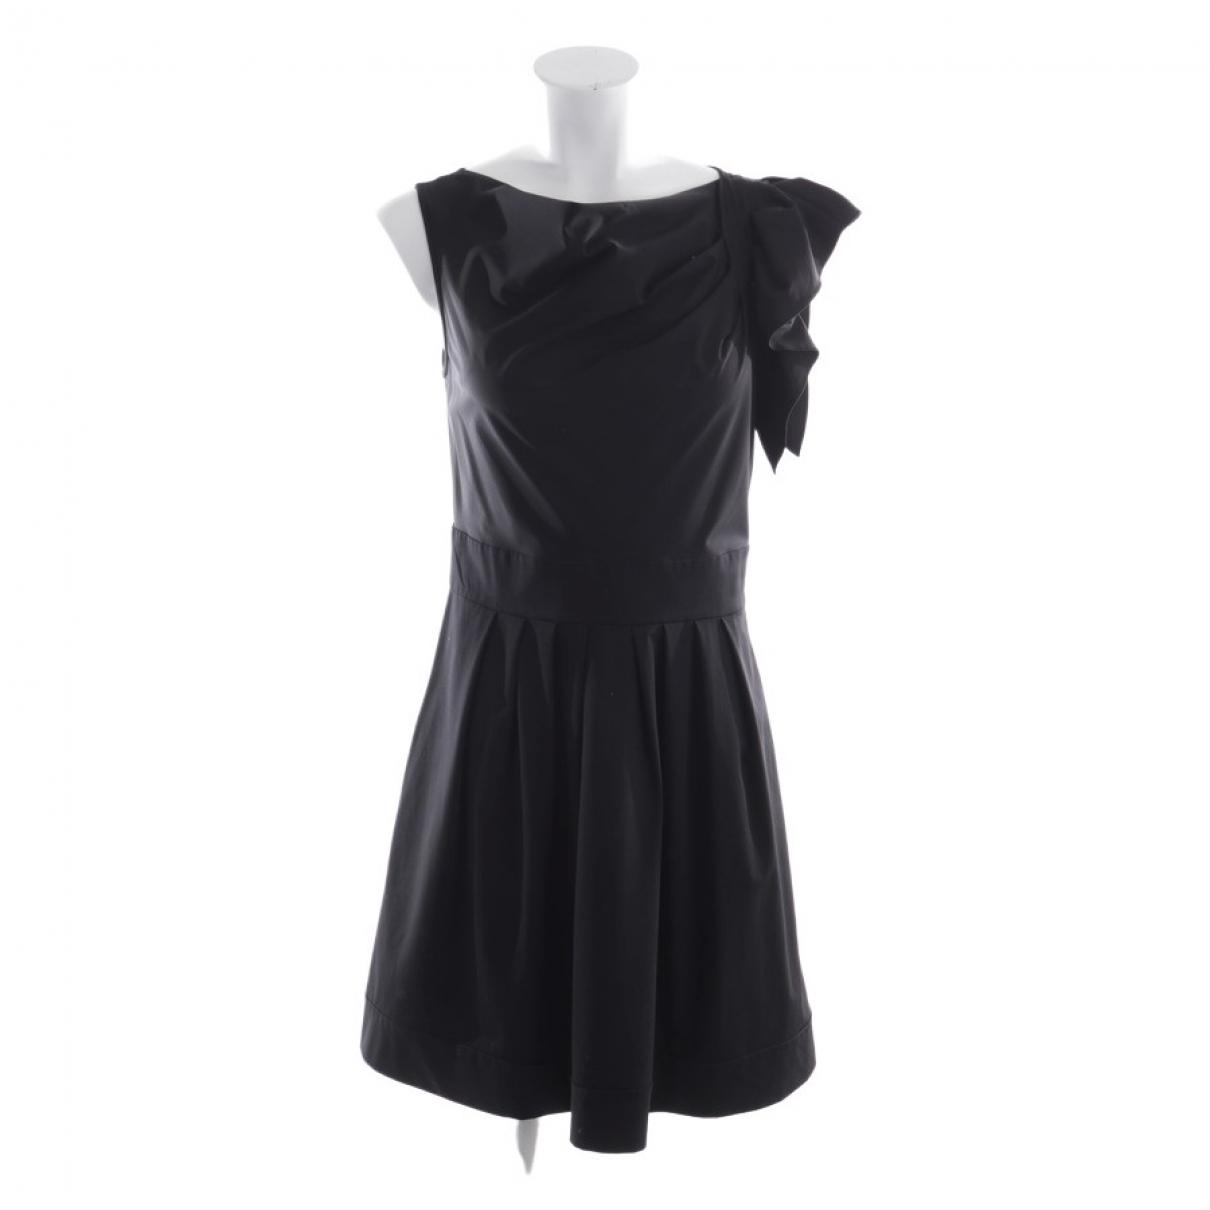 Diane Von Furstenberg \N Black Cotton dress for Women 38 FR